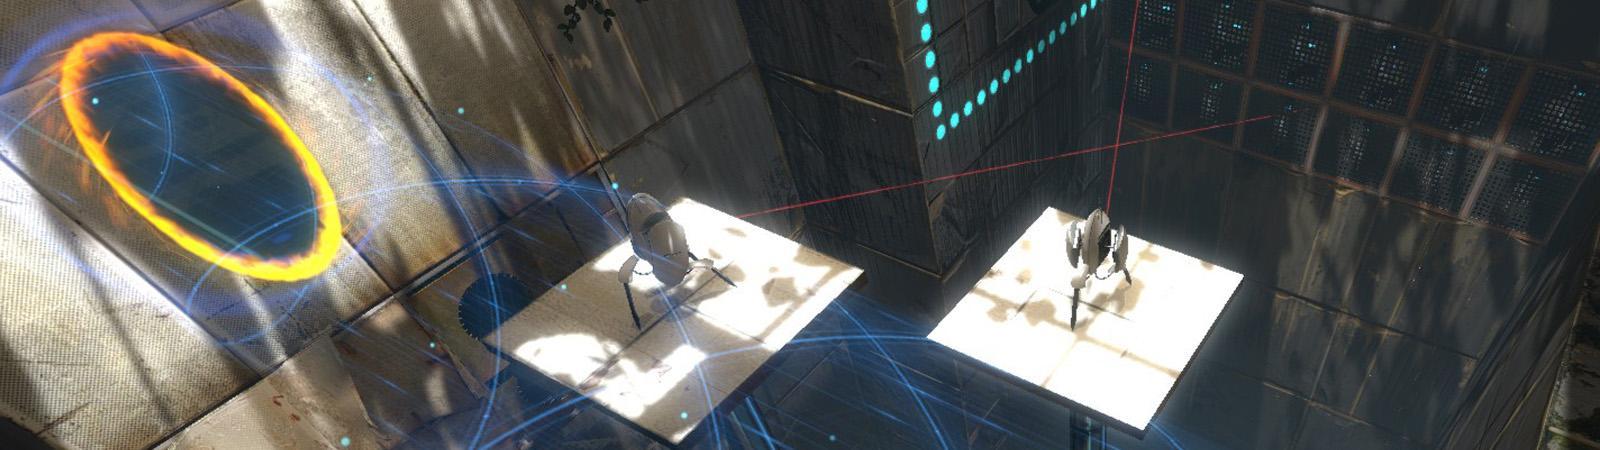 Portal o la Ciencia del Videojuego Heroes de Papel Eva Cid Valve Portal 2